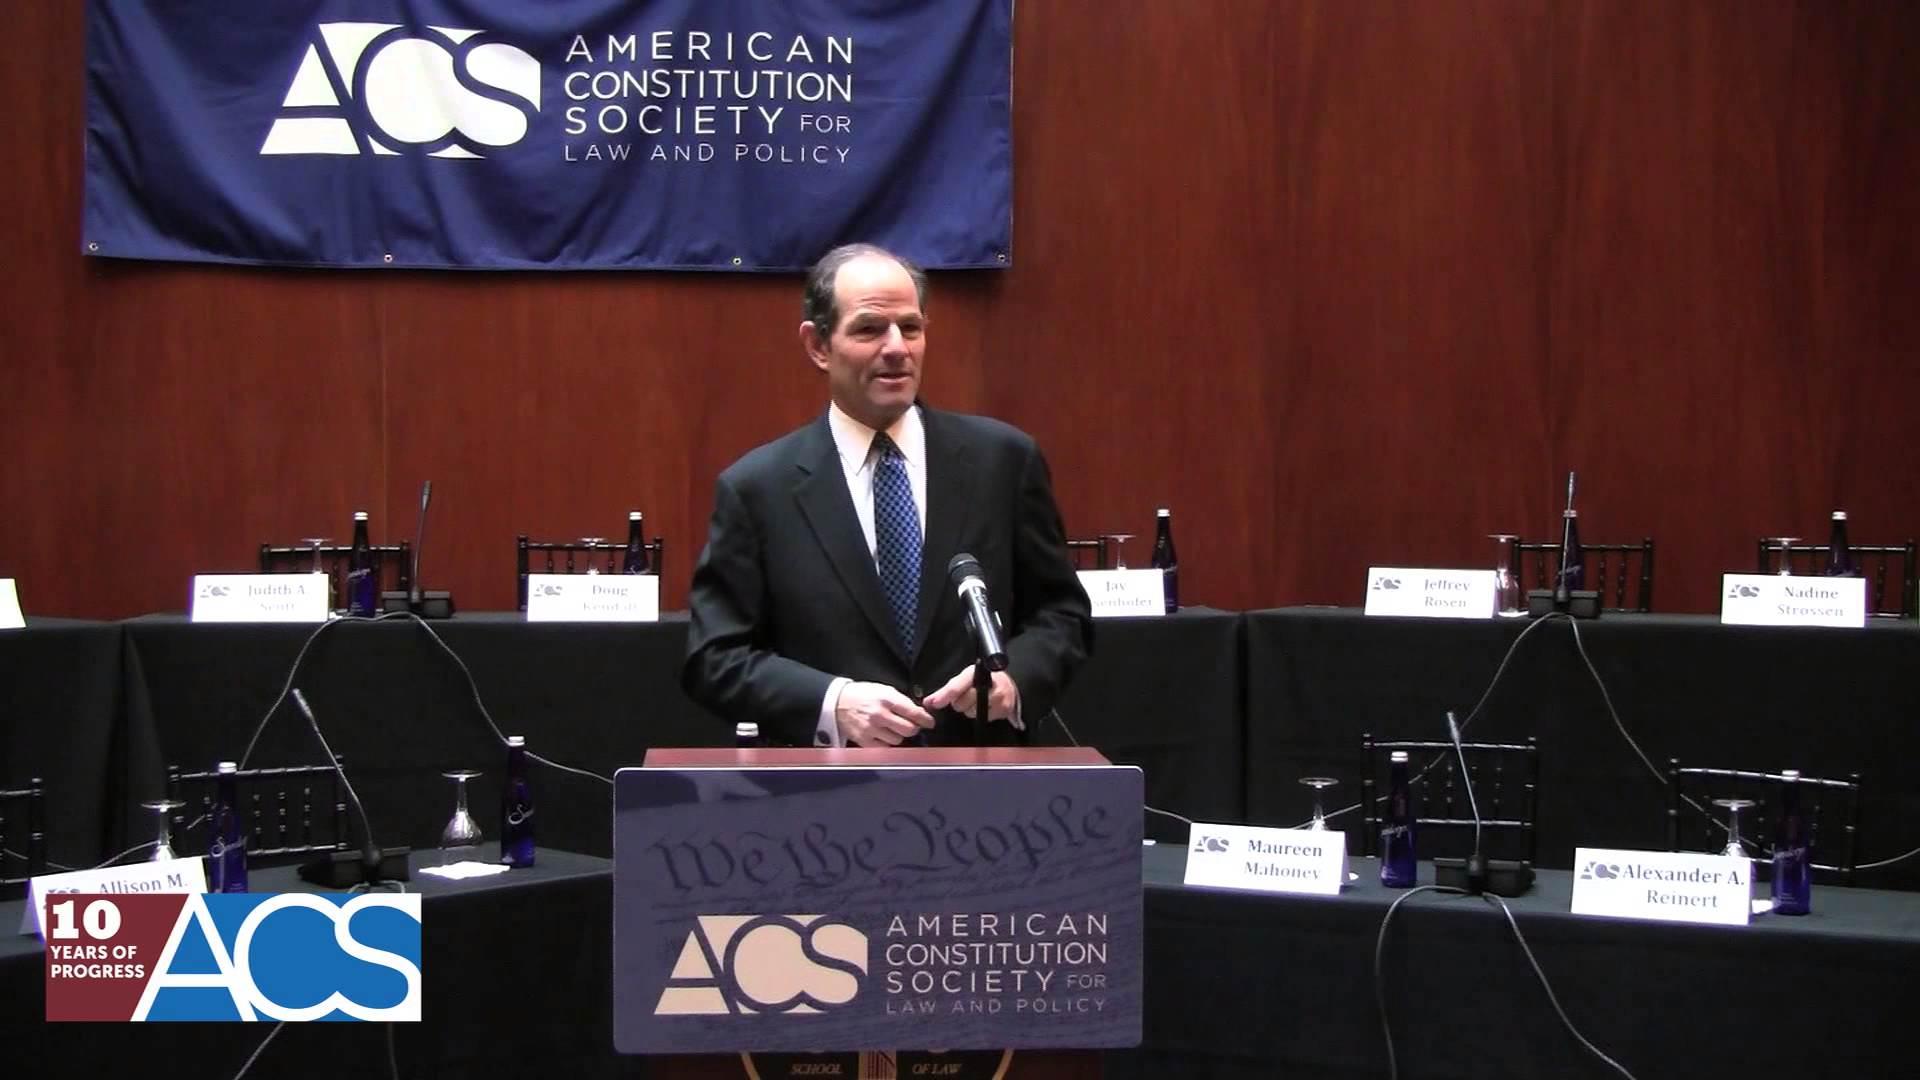 Highlights from Eliot Spitzer's Keynote Address